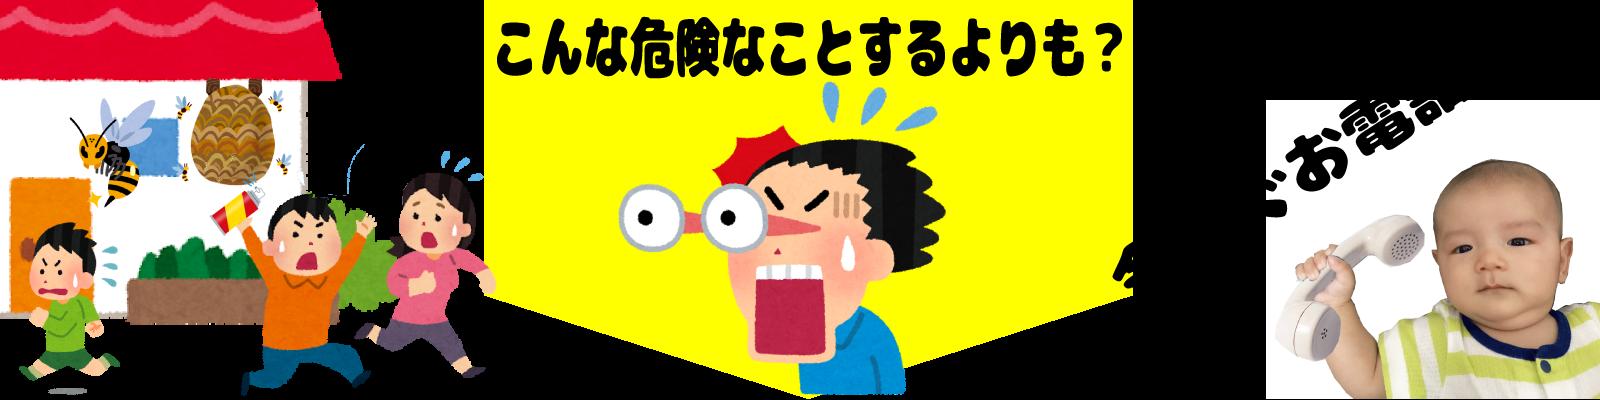 蜂駆除屋に電話誘導01